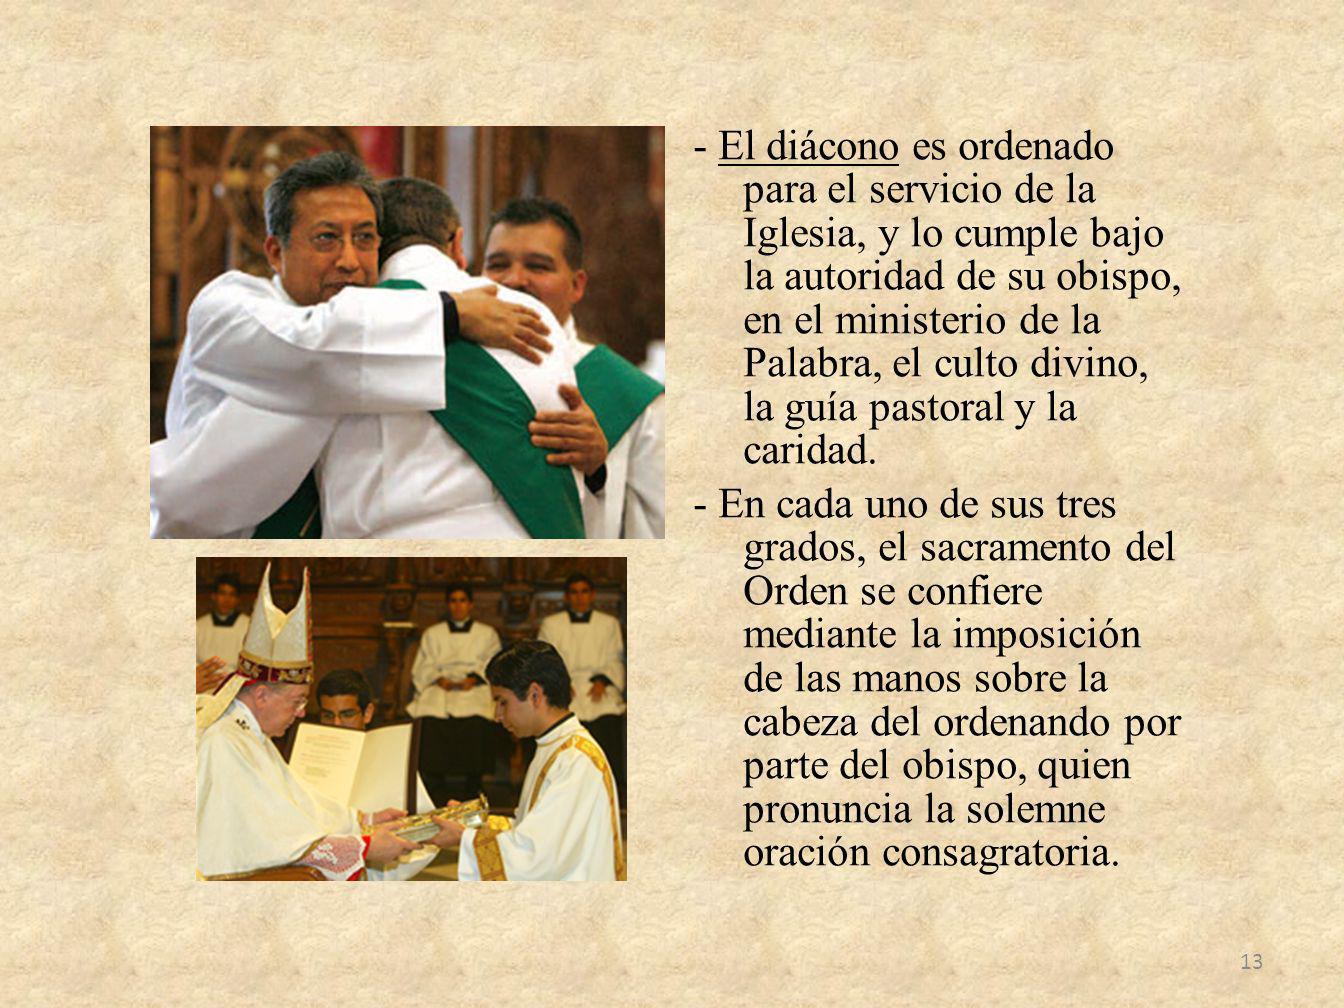 - El diácono es ordenado para el servicio de la Iglesia, y lo cumple bajo la autoridad de su obispo, en el ministerio de la Palabra, el culto divino,